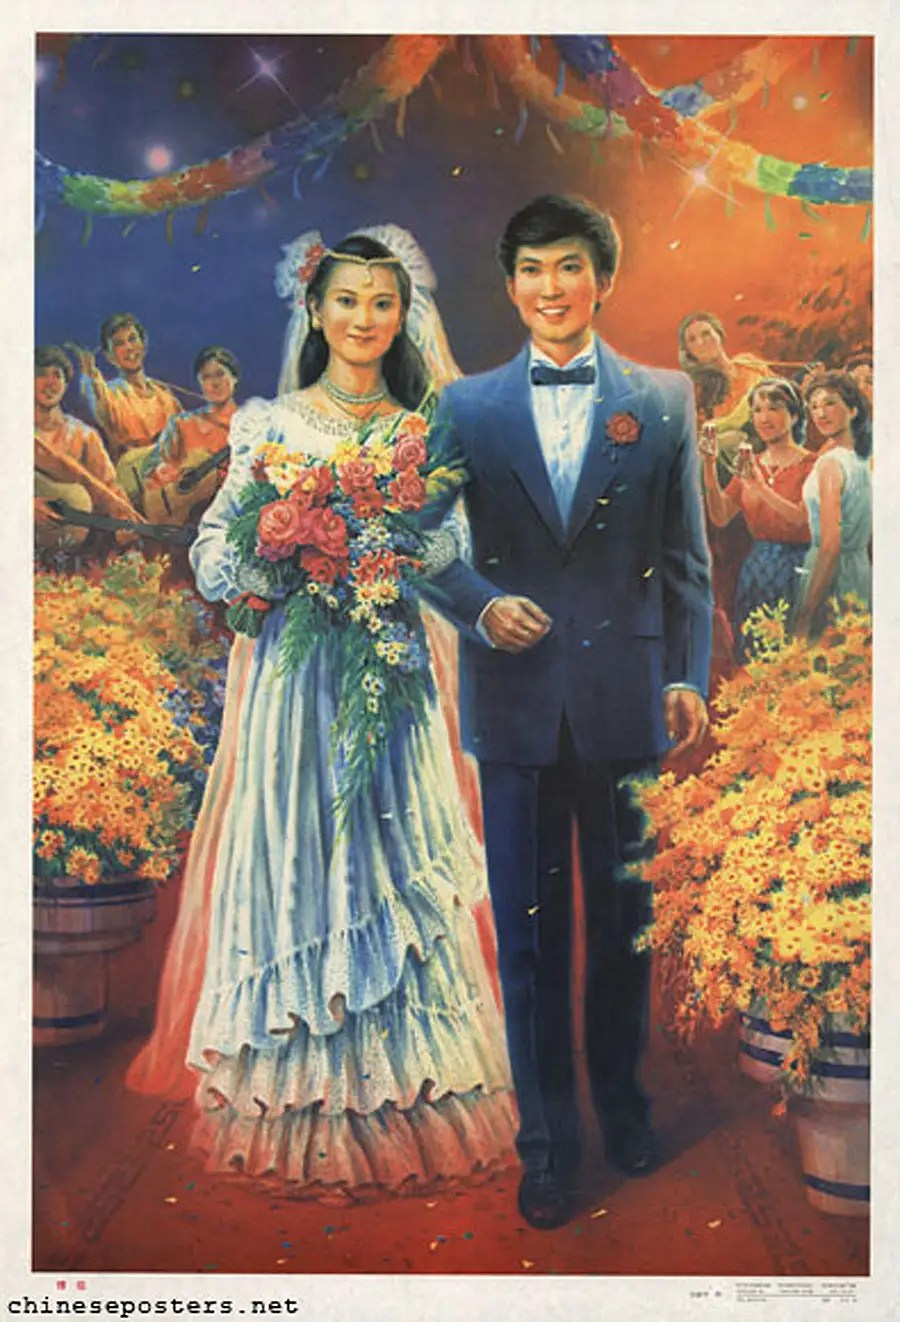 К 1989 политика в значительной степени исчезает из плакатов.  Это одно показывает западный стиль свадебного (1990).